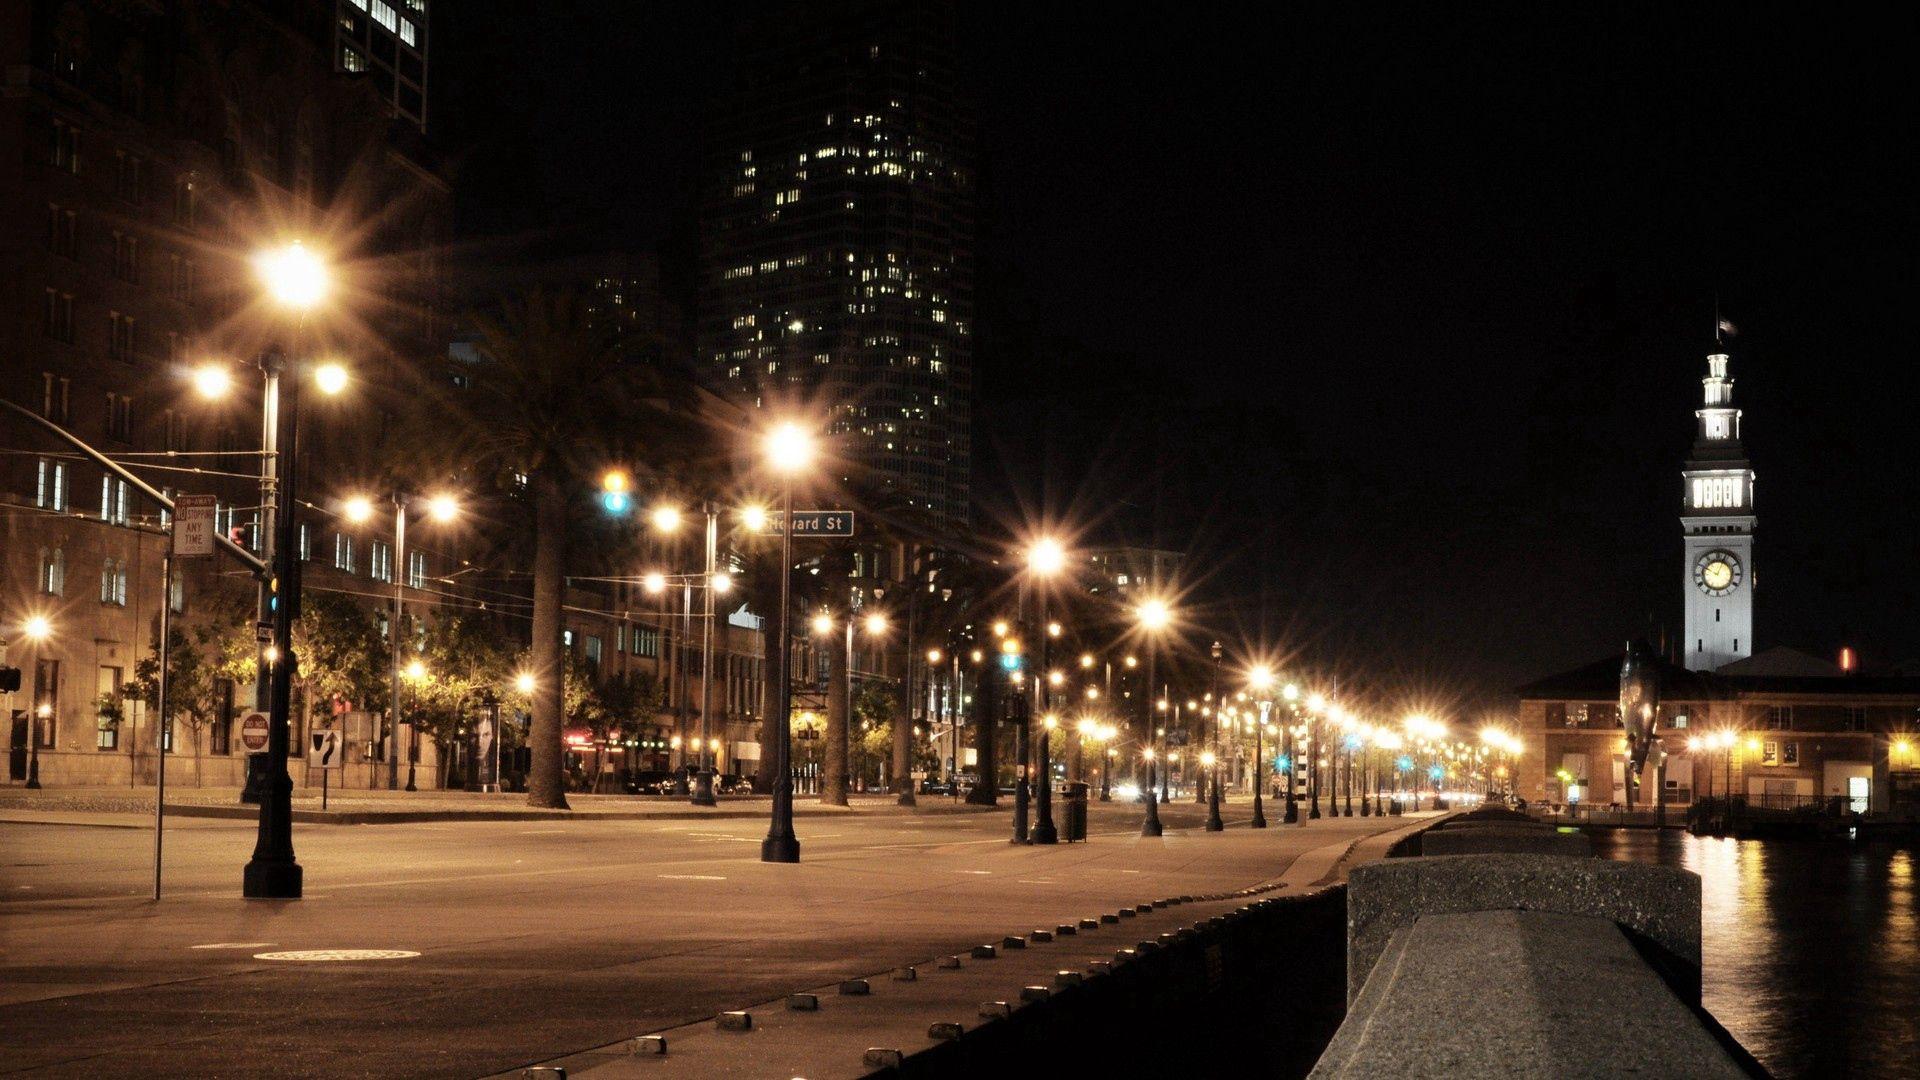 51393 скачать обои Города, Ночь, Сша (Usa), Город, Дорога, Огни Города, Сша, Америка, America - заставки и картинки бесплатно